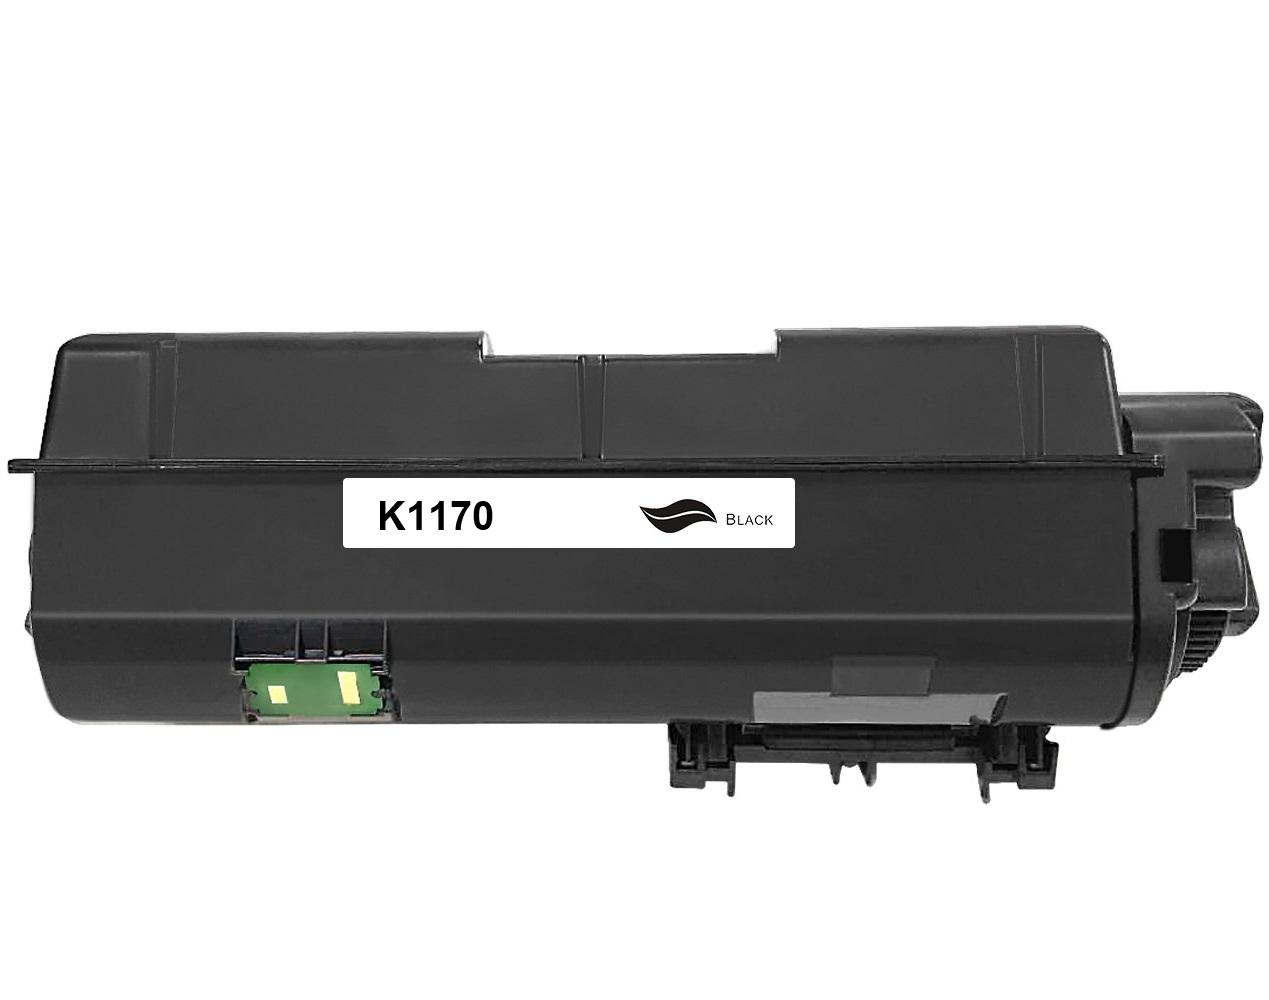 TONER TK-1170 NOIR